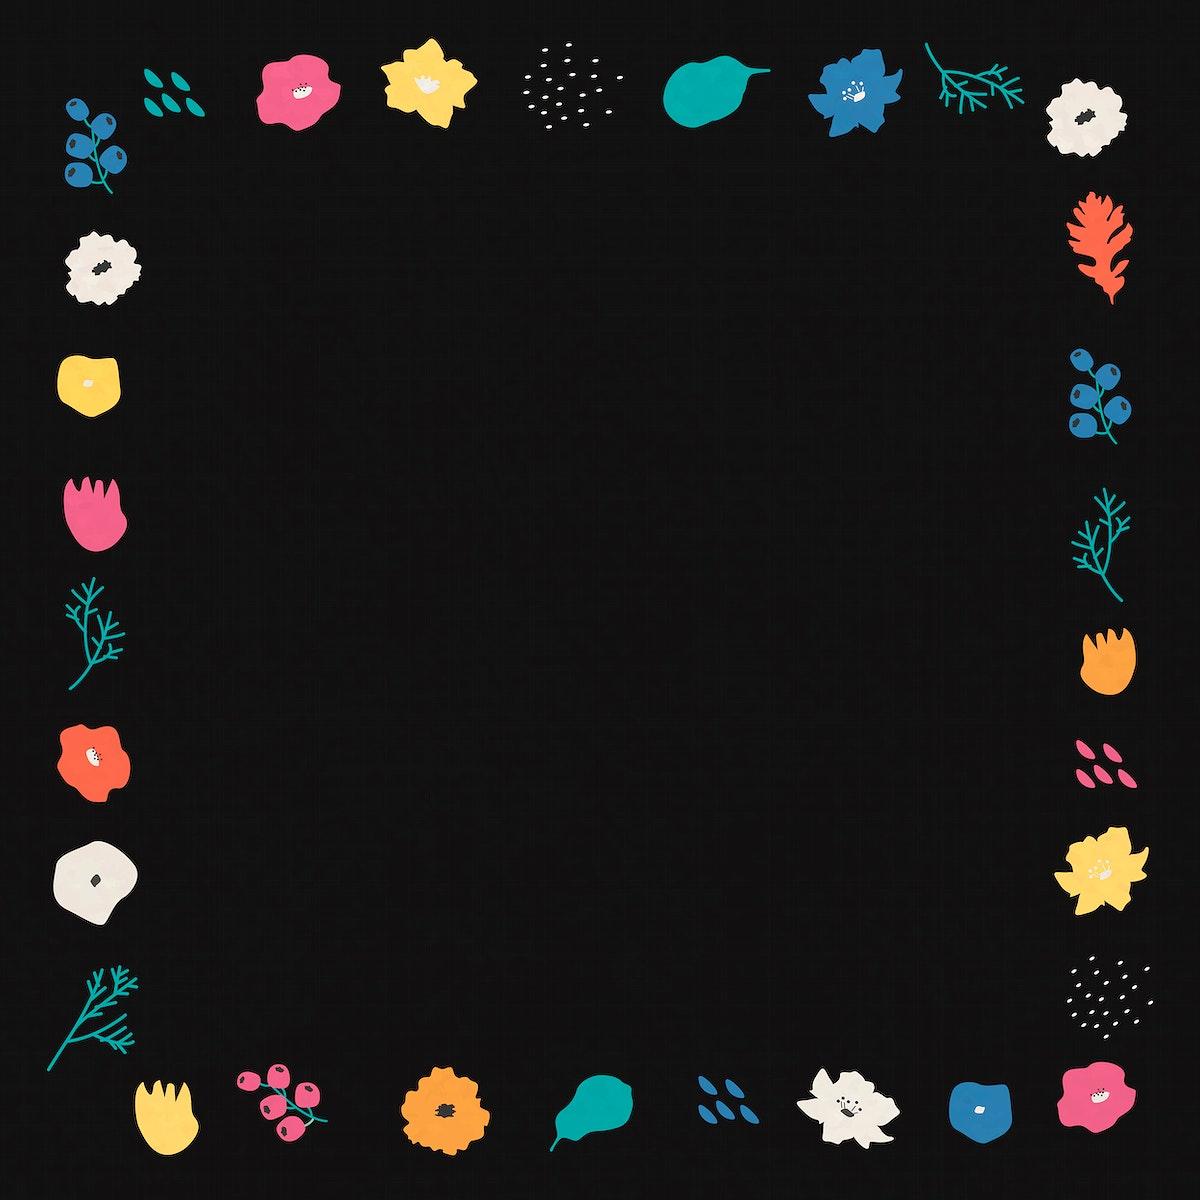 Botanical pattern frame on black background vector